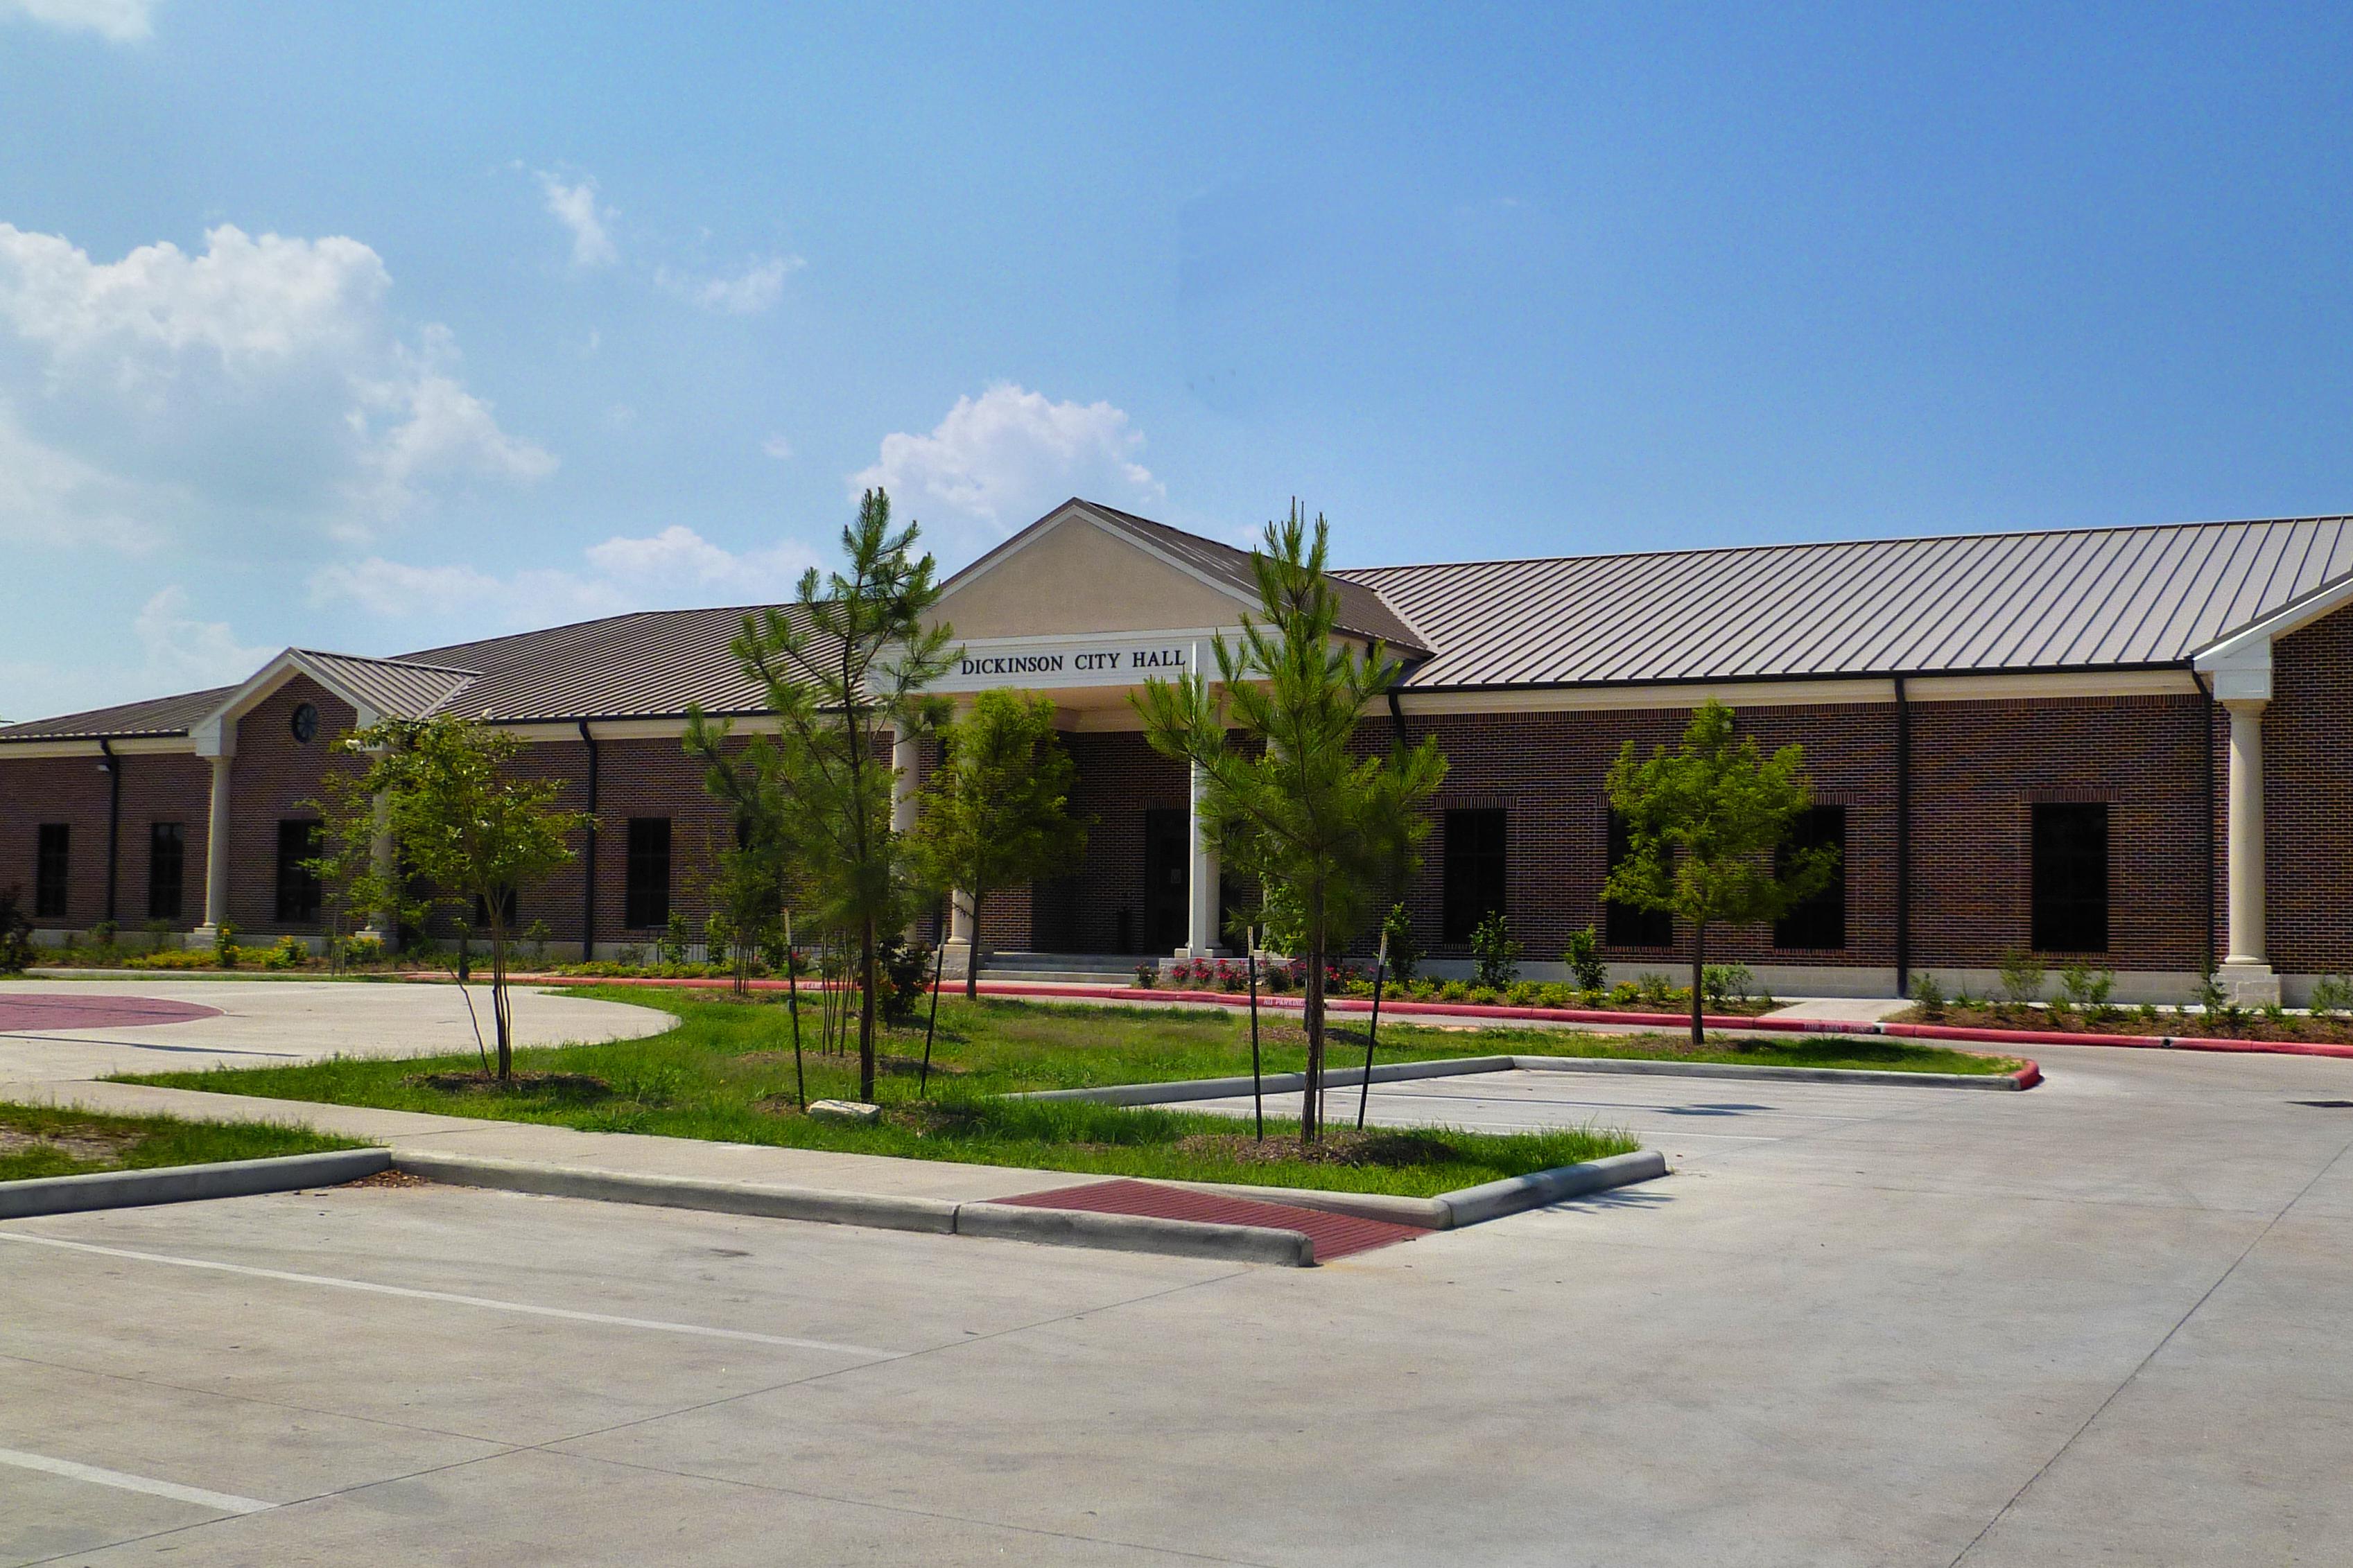 ديكينسون (تكساس)